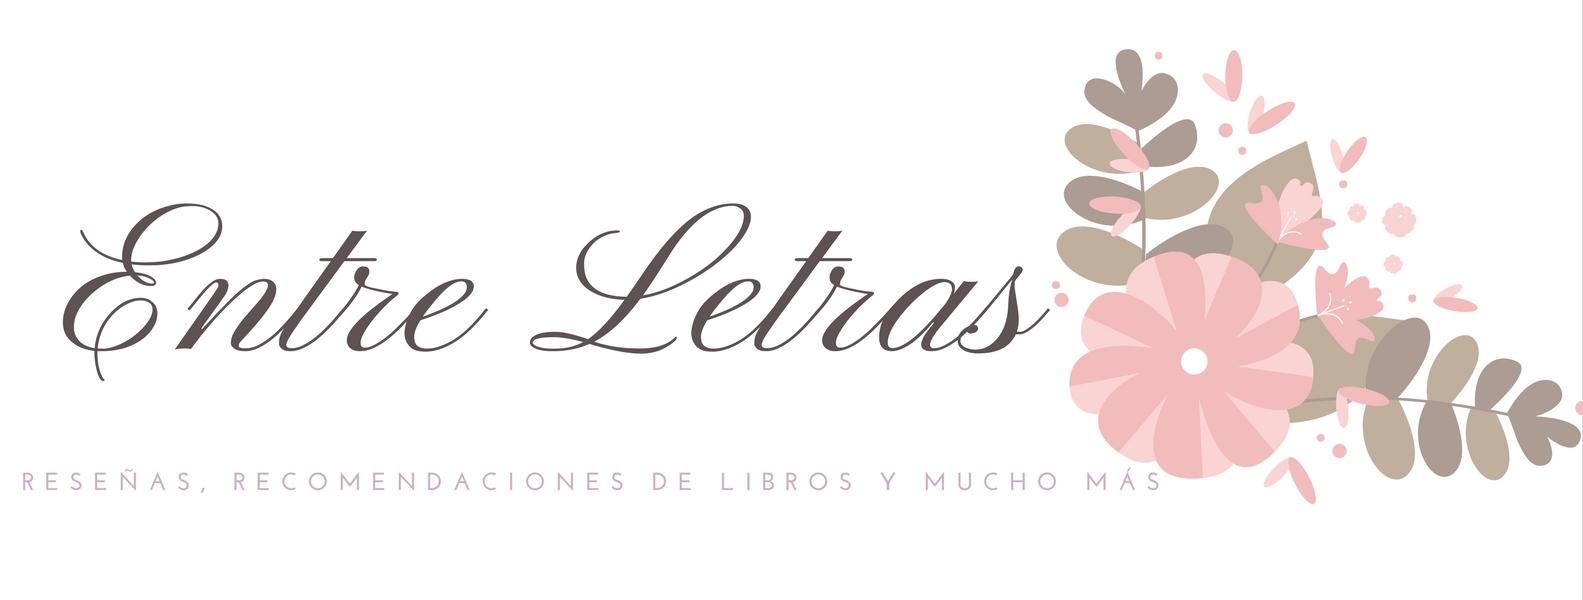 ¡Bienvenidos a Entre Letras!